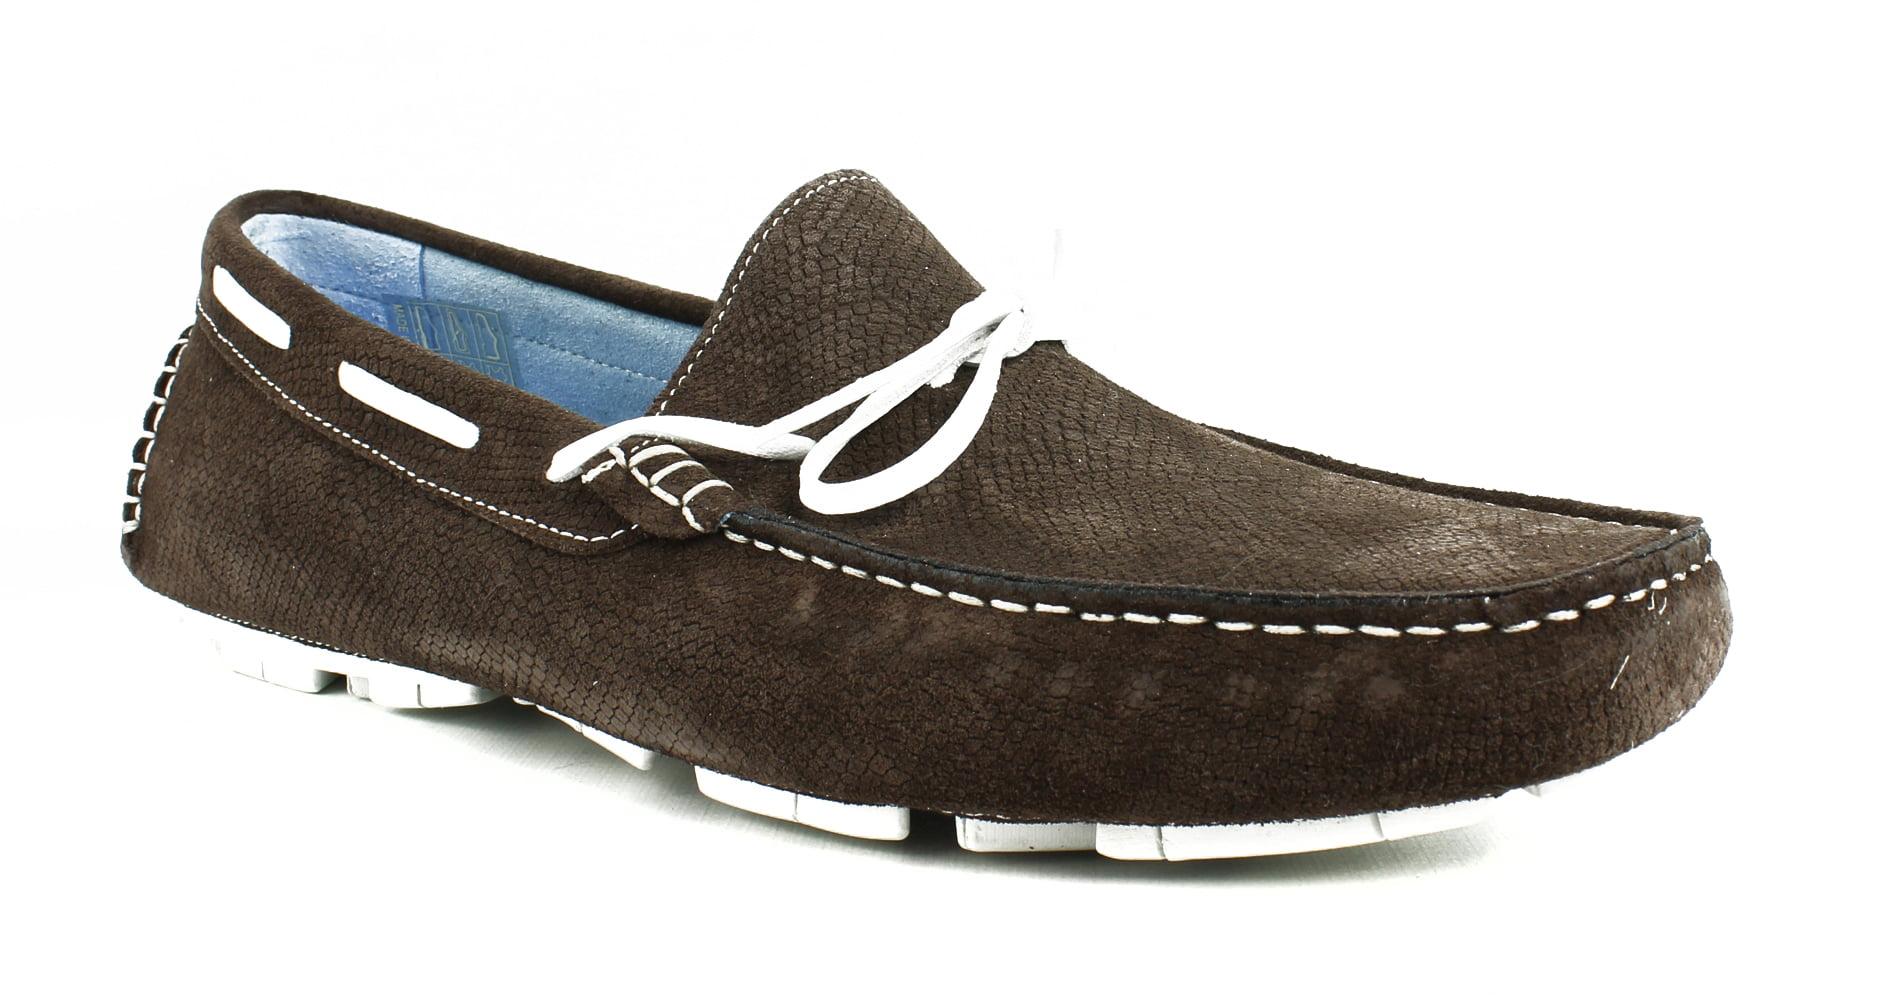 Donald J Pliner Mens Brown Loafer Casual   Dress Size 9 New by Donald J Pliner